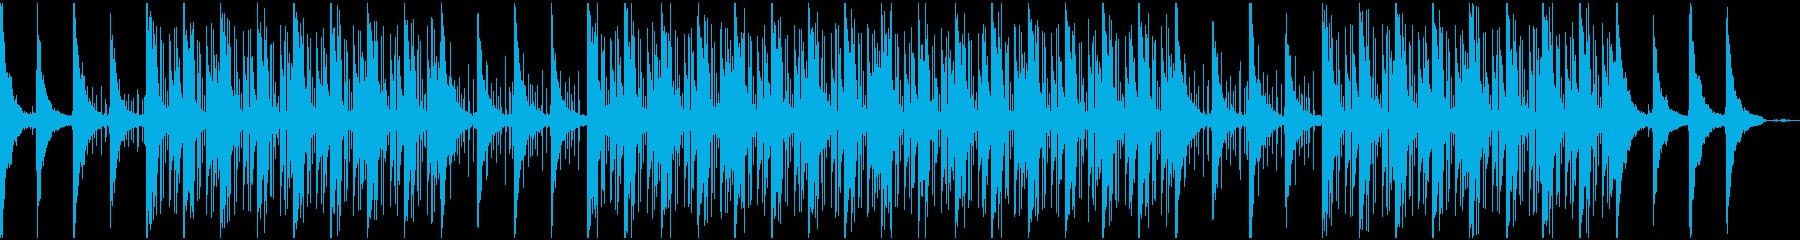 幻想的なローファイビートの再生済みの波形